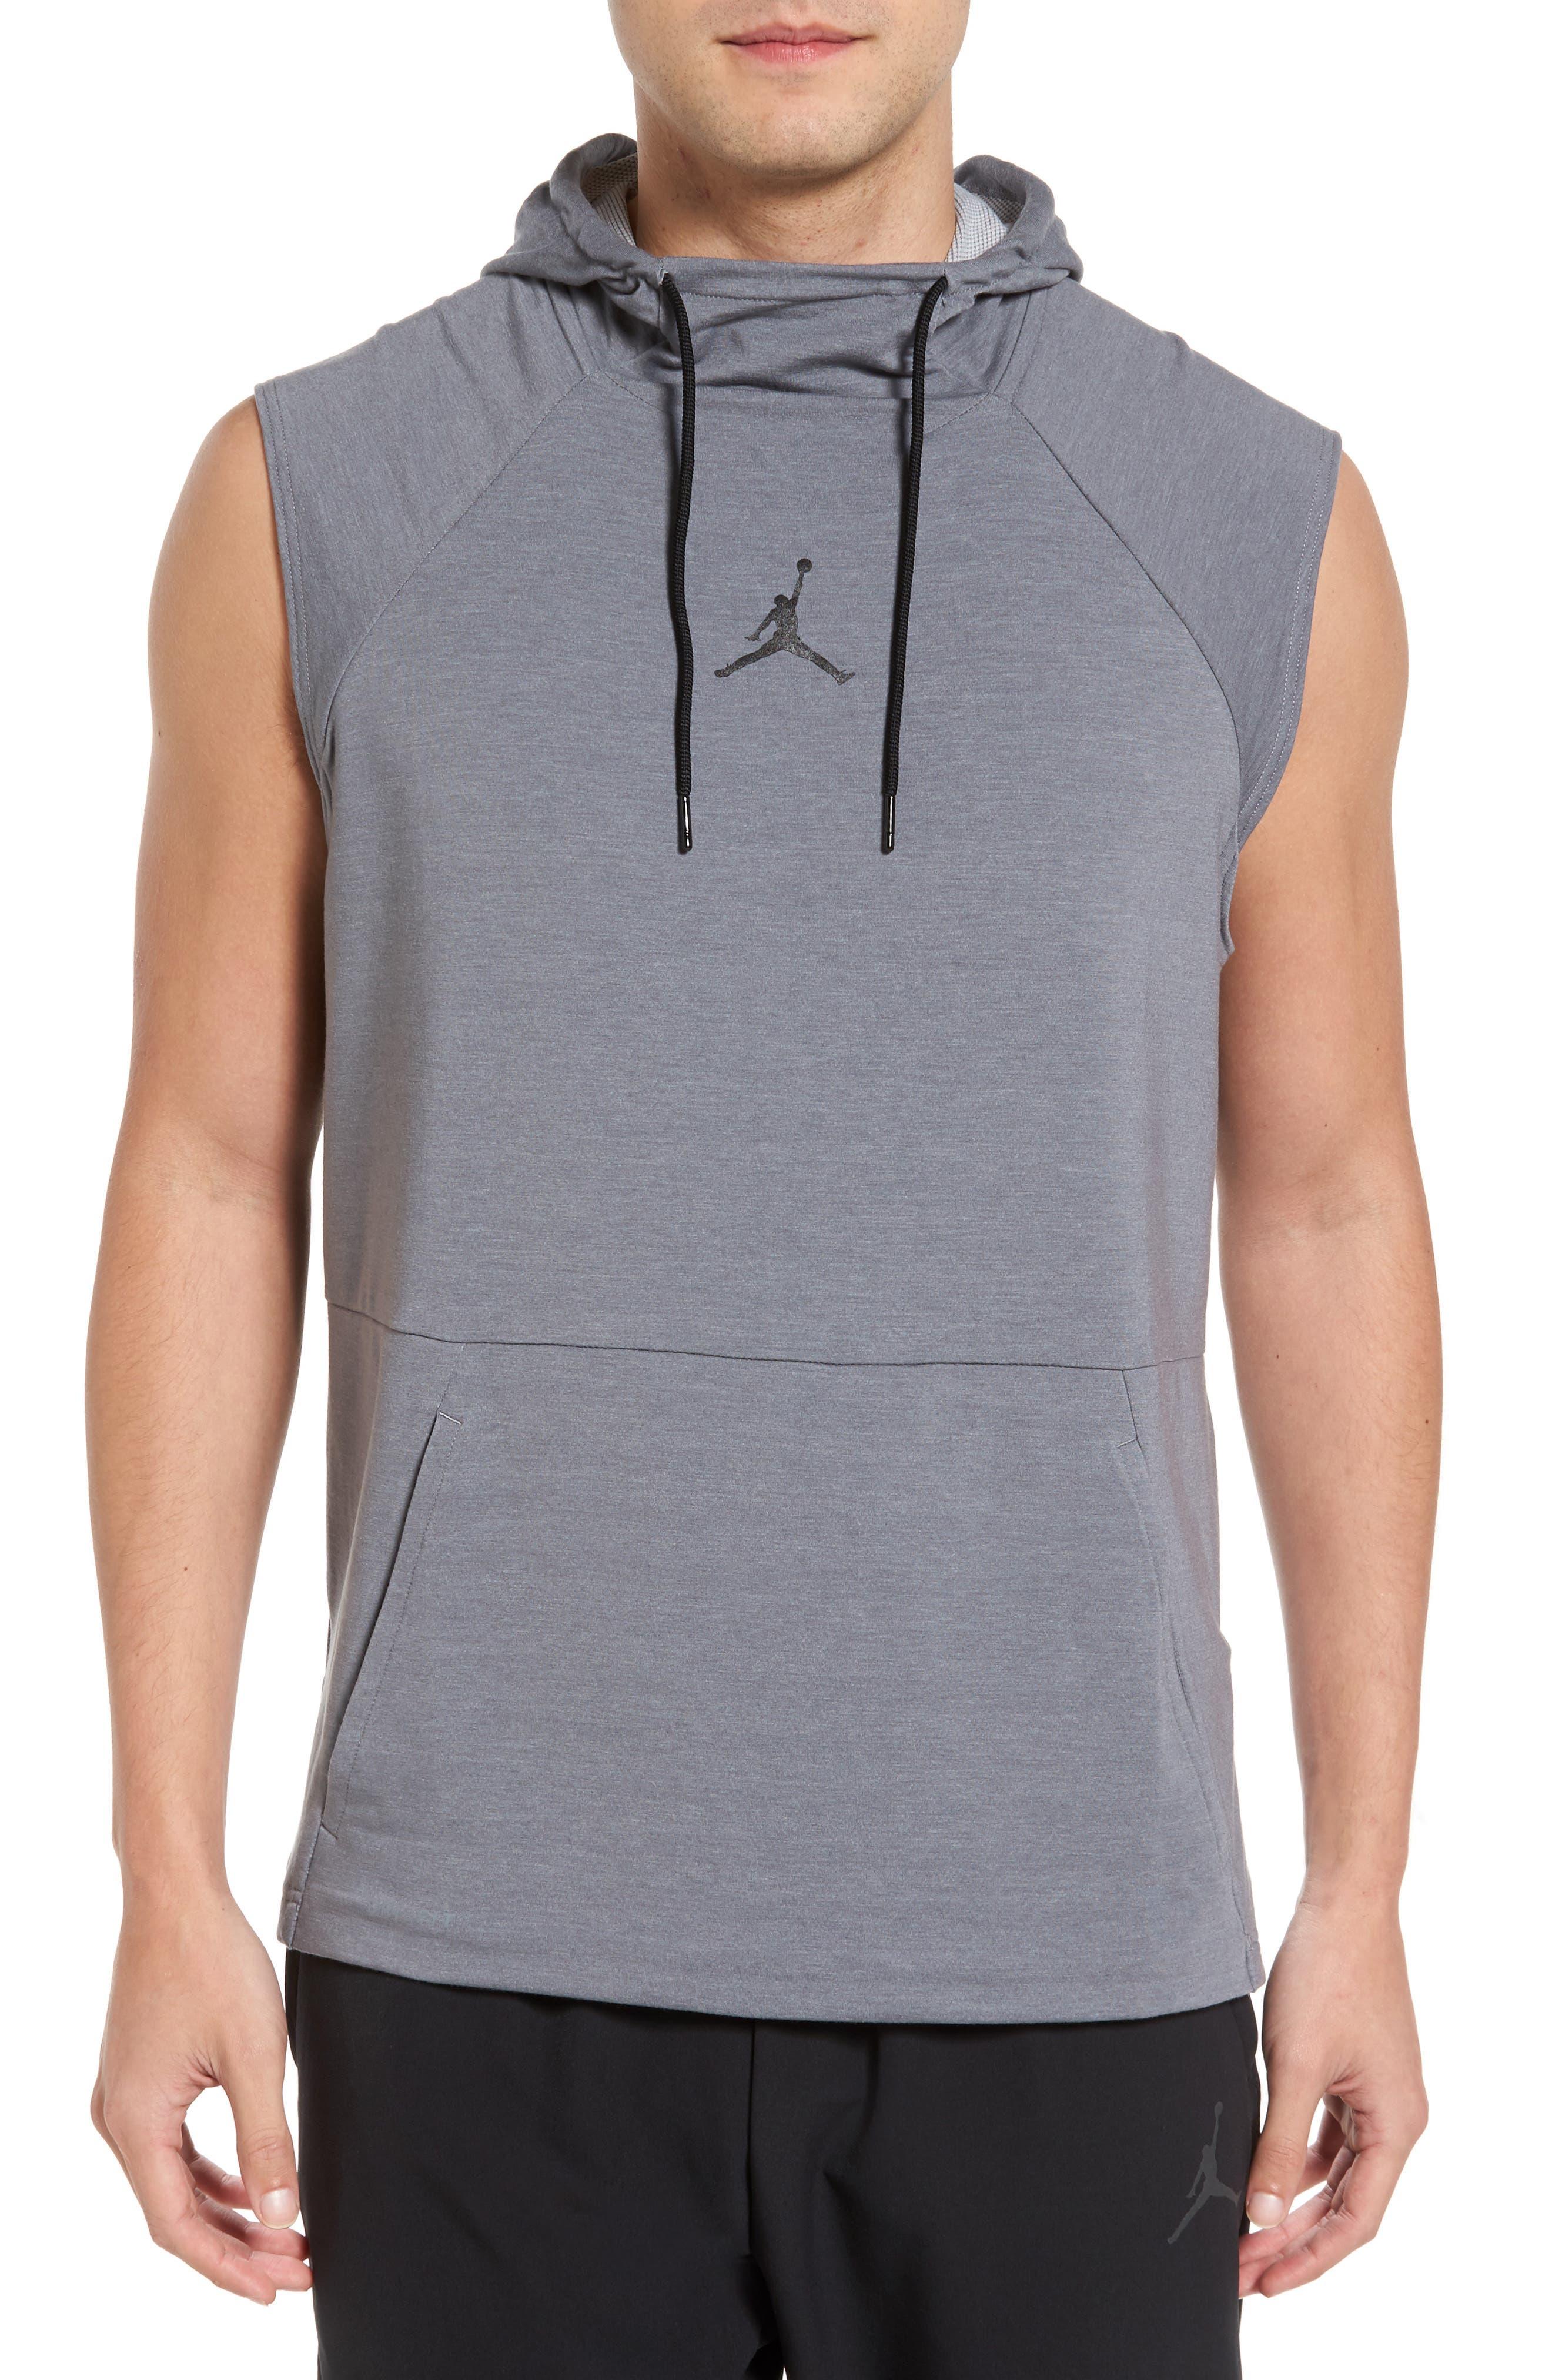 Alternate Image 1 Selected - Nike Jordan 23 Tech Sphere Sleeveless Training Hoodie